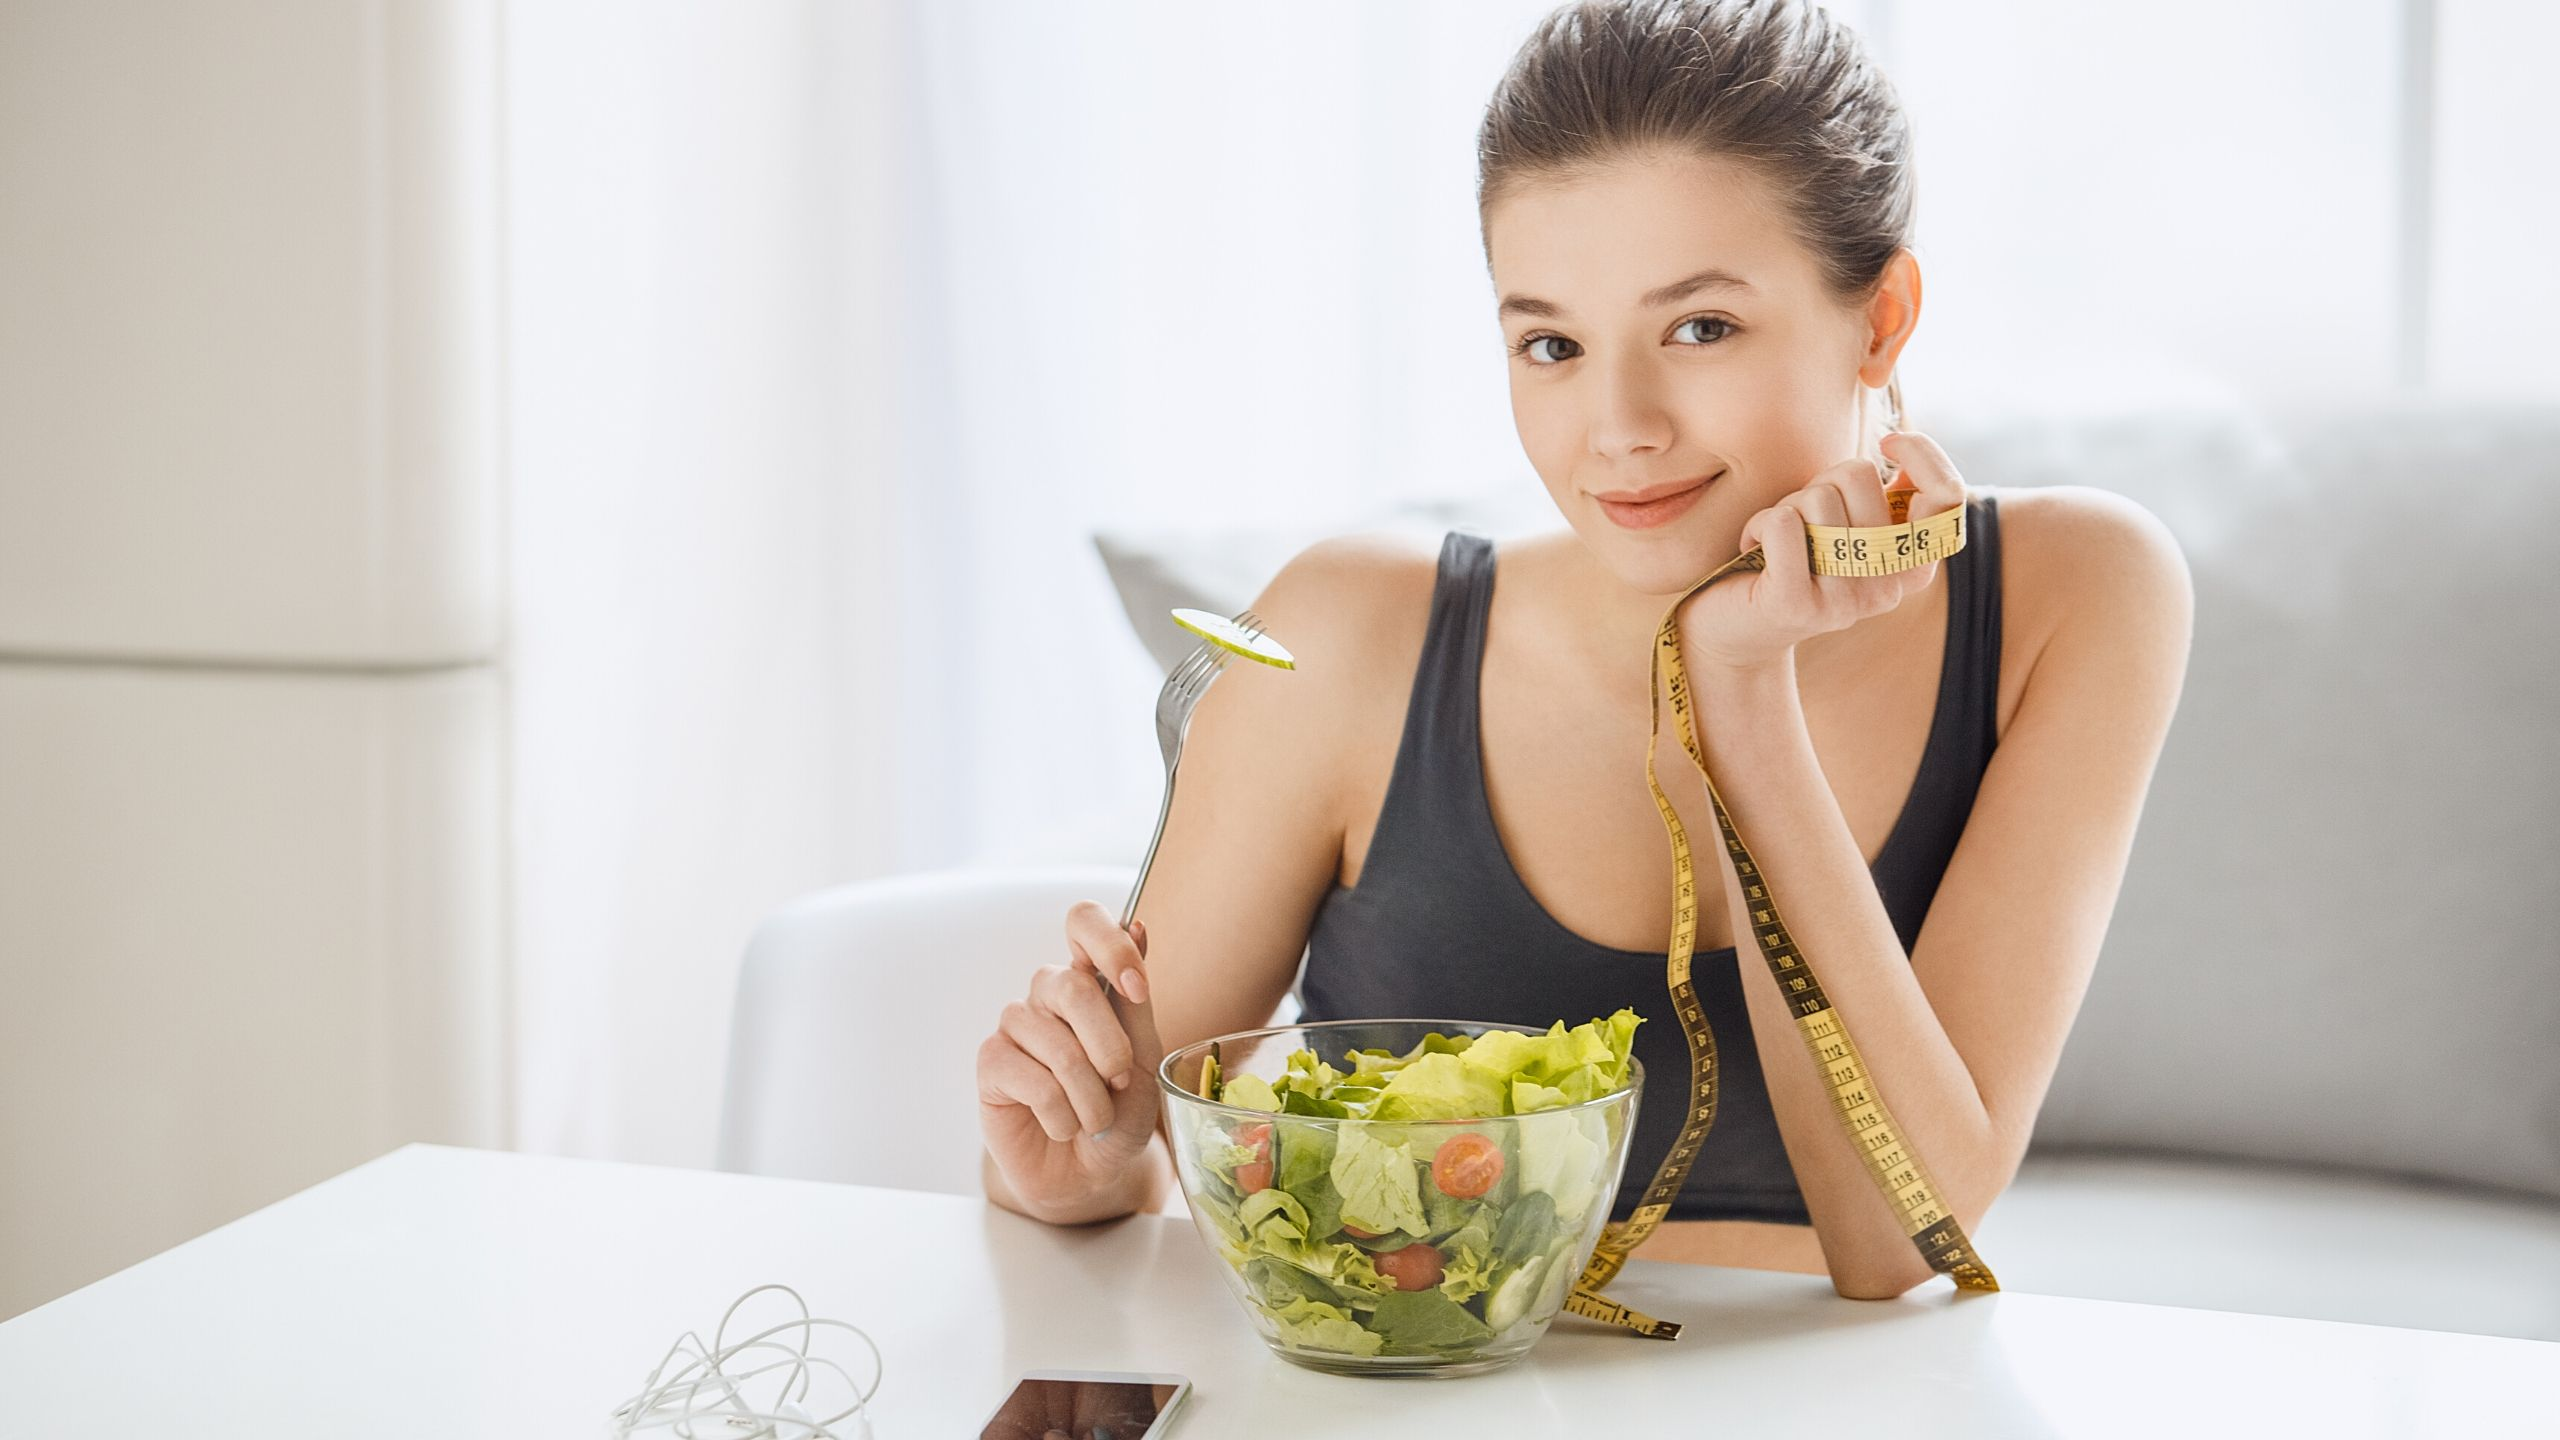 वजन और मोटापा कम करने के लिए क्या खाएं?